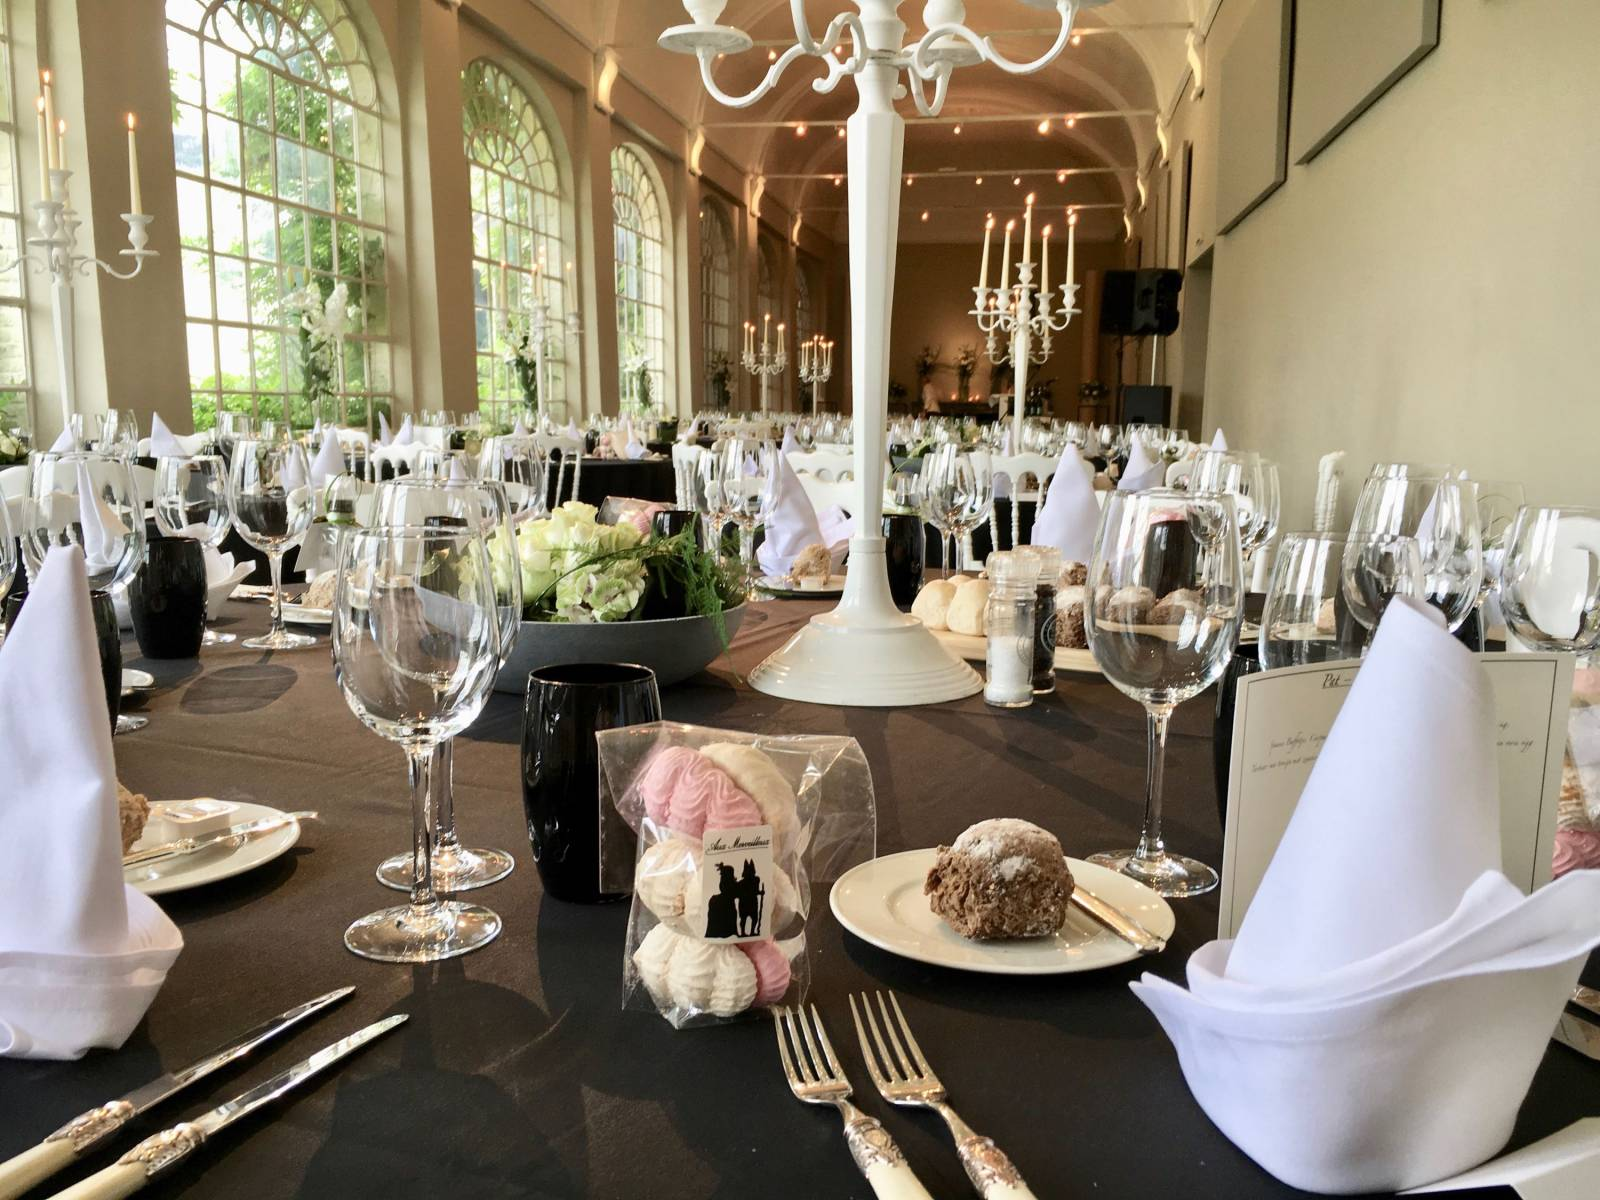 Kasteel van Leeuwergem - Feestzaal - House of Weddings  - 42